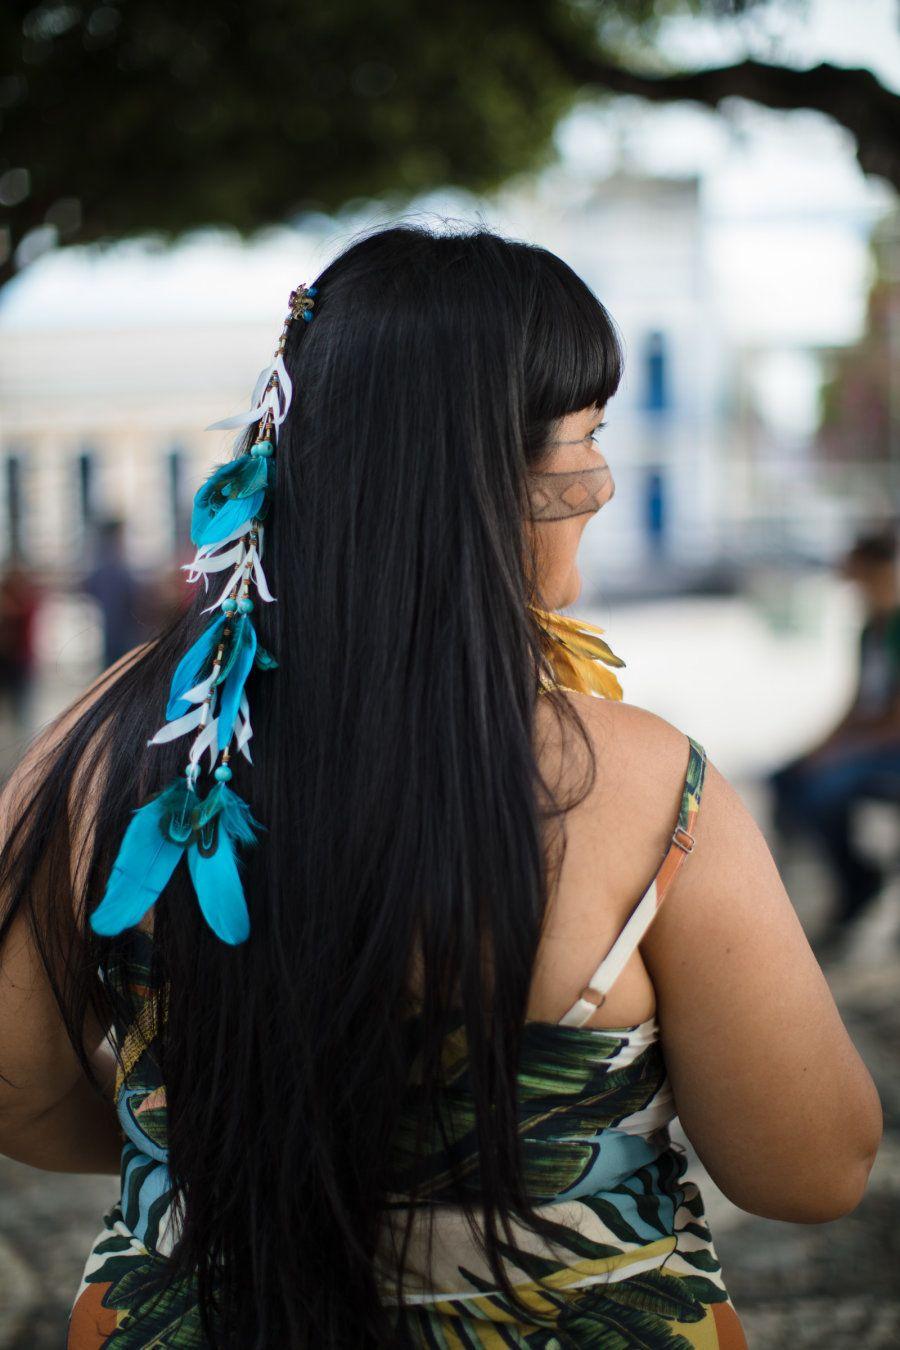 É dessa forma que ela tem conseguido levar informação às comunidades indígenas mais remotas. E ela quer...